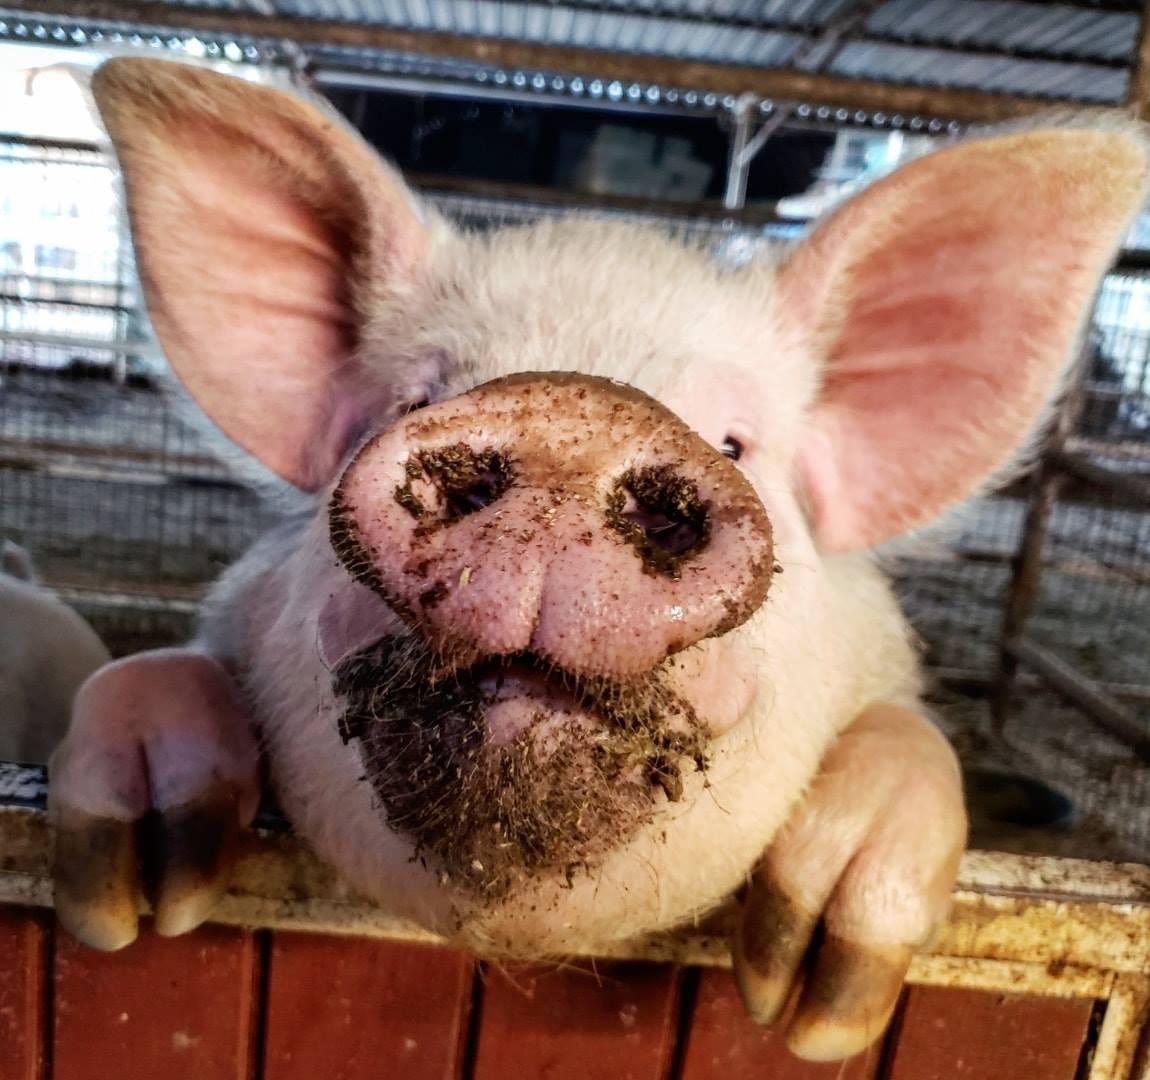 Dexter the pig